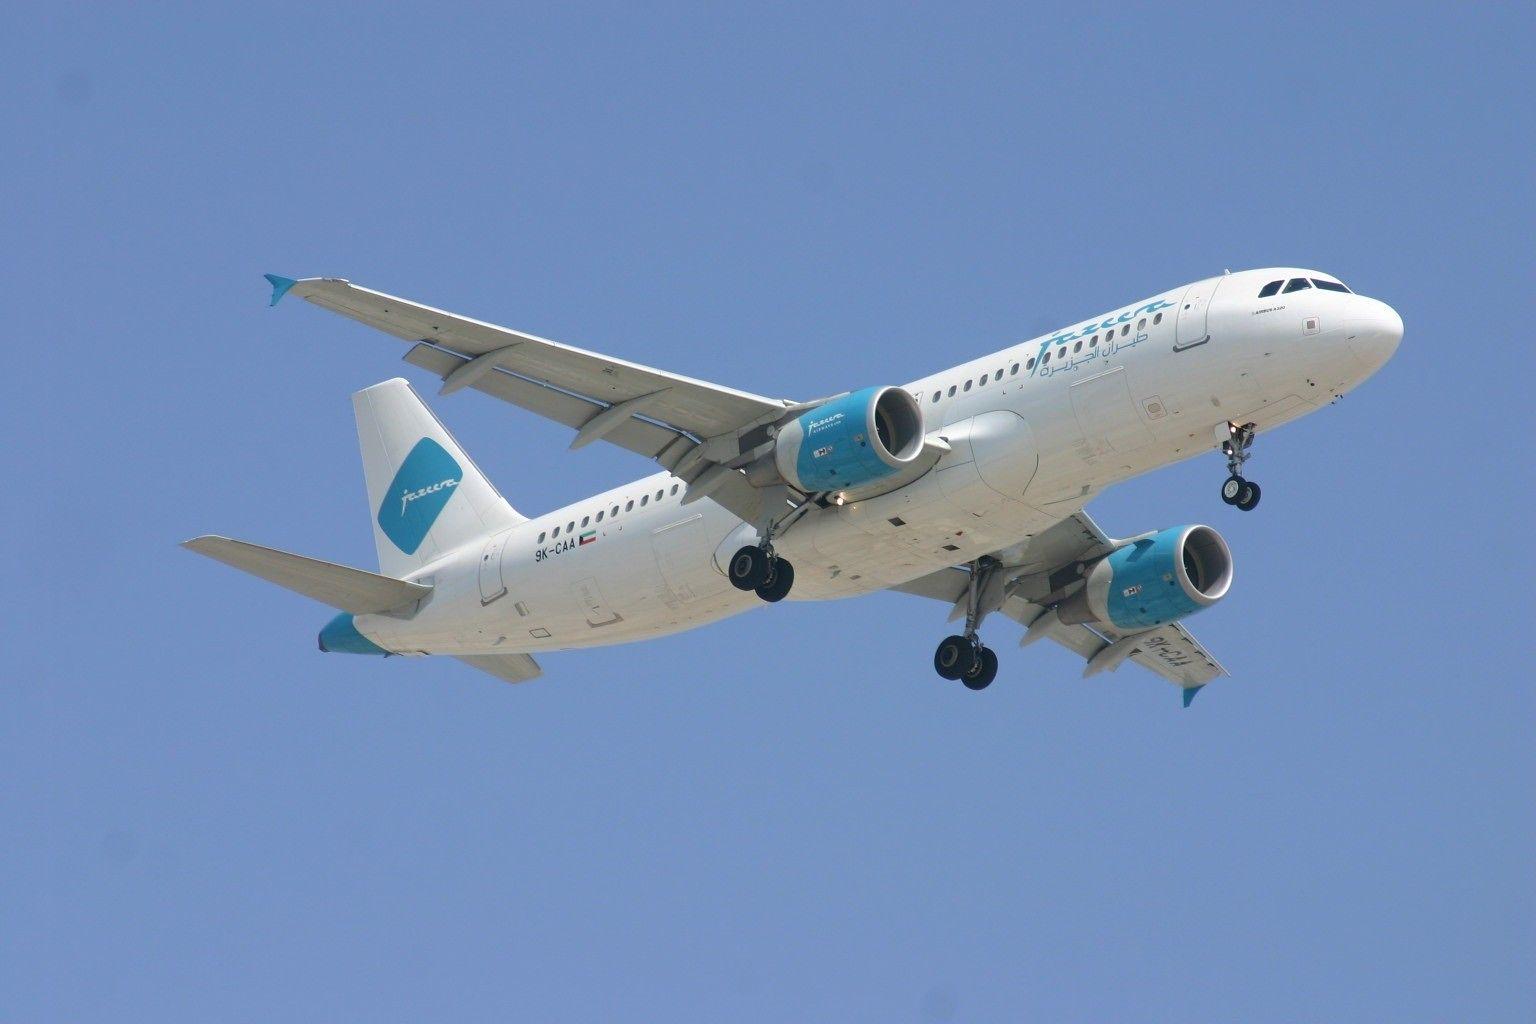 طيران الجزيرة Best Flight Deals Flight Offers Best Flights